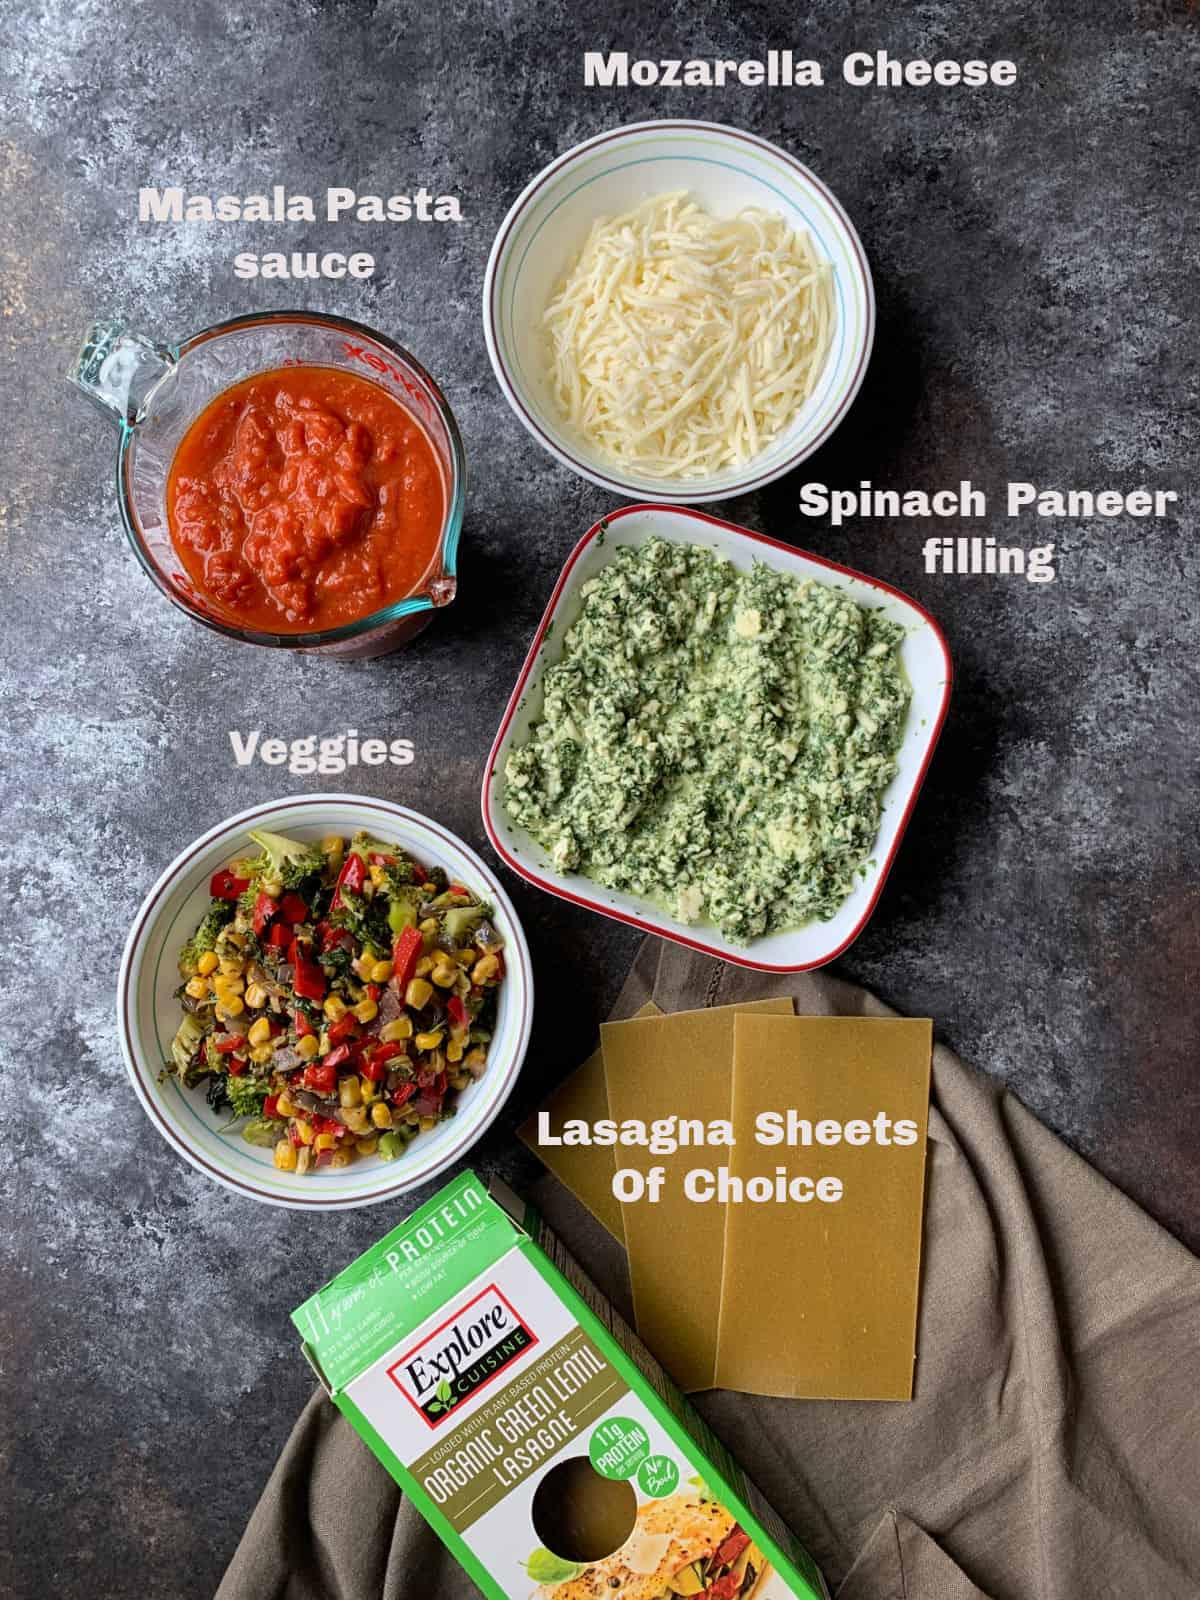 Ingredients to make veggie lasagna